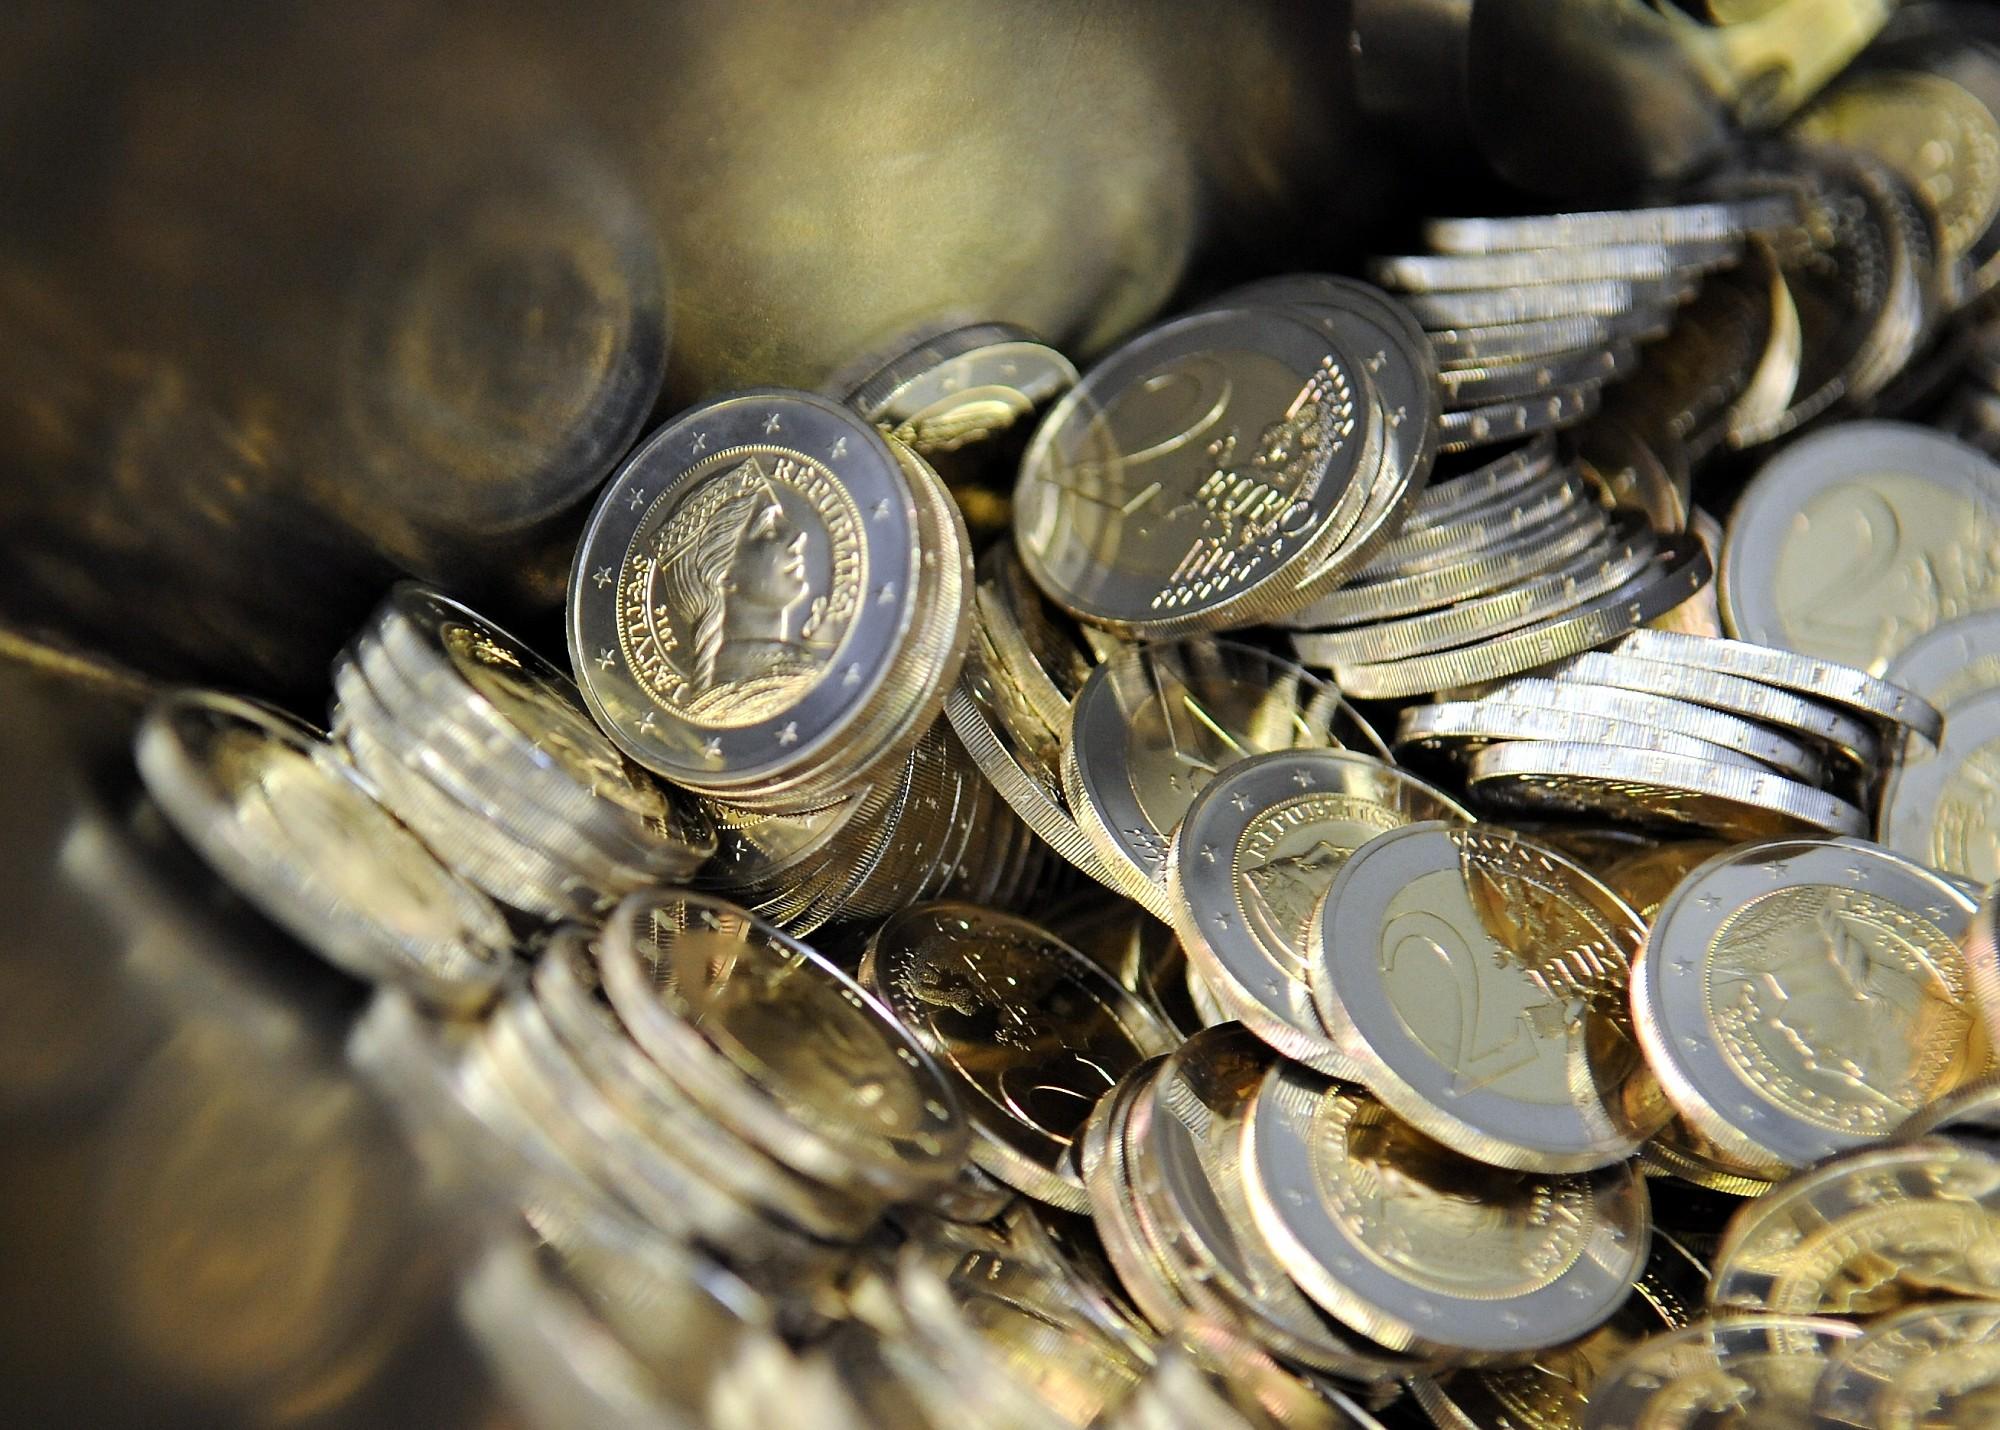 Valdība atbalsta nākamā gada budžetu, izdevumus prognozējot desmit miljardu eiro apmērā